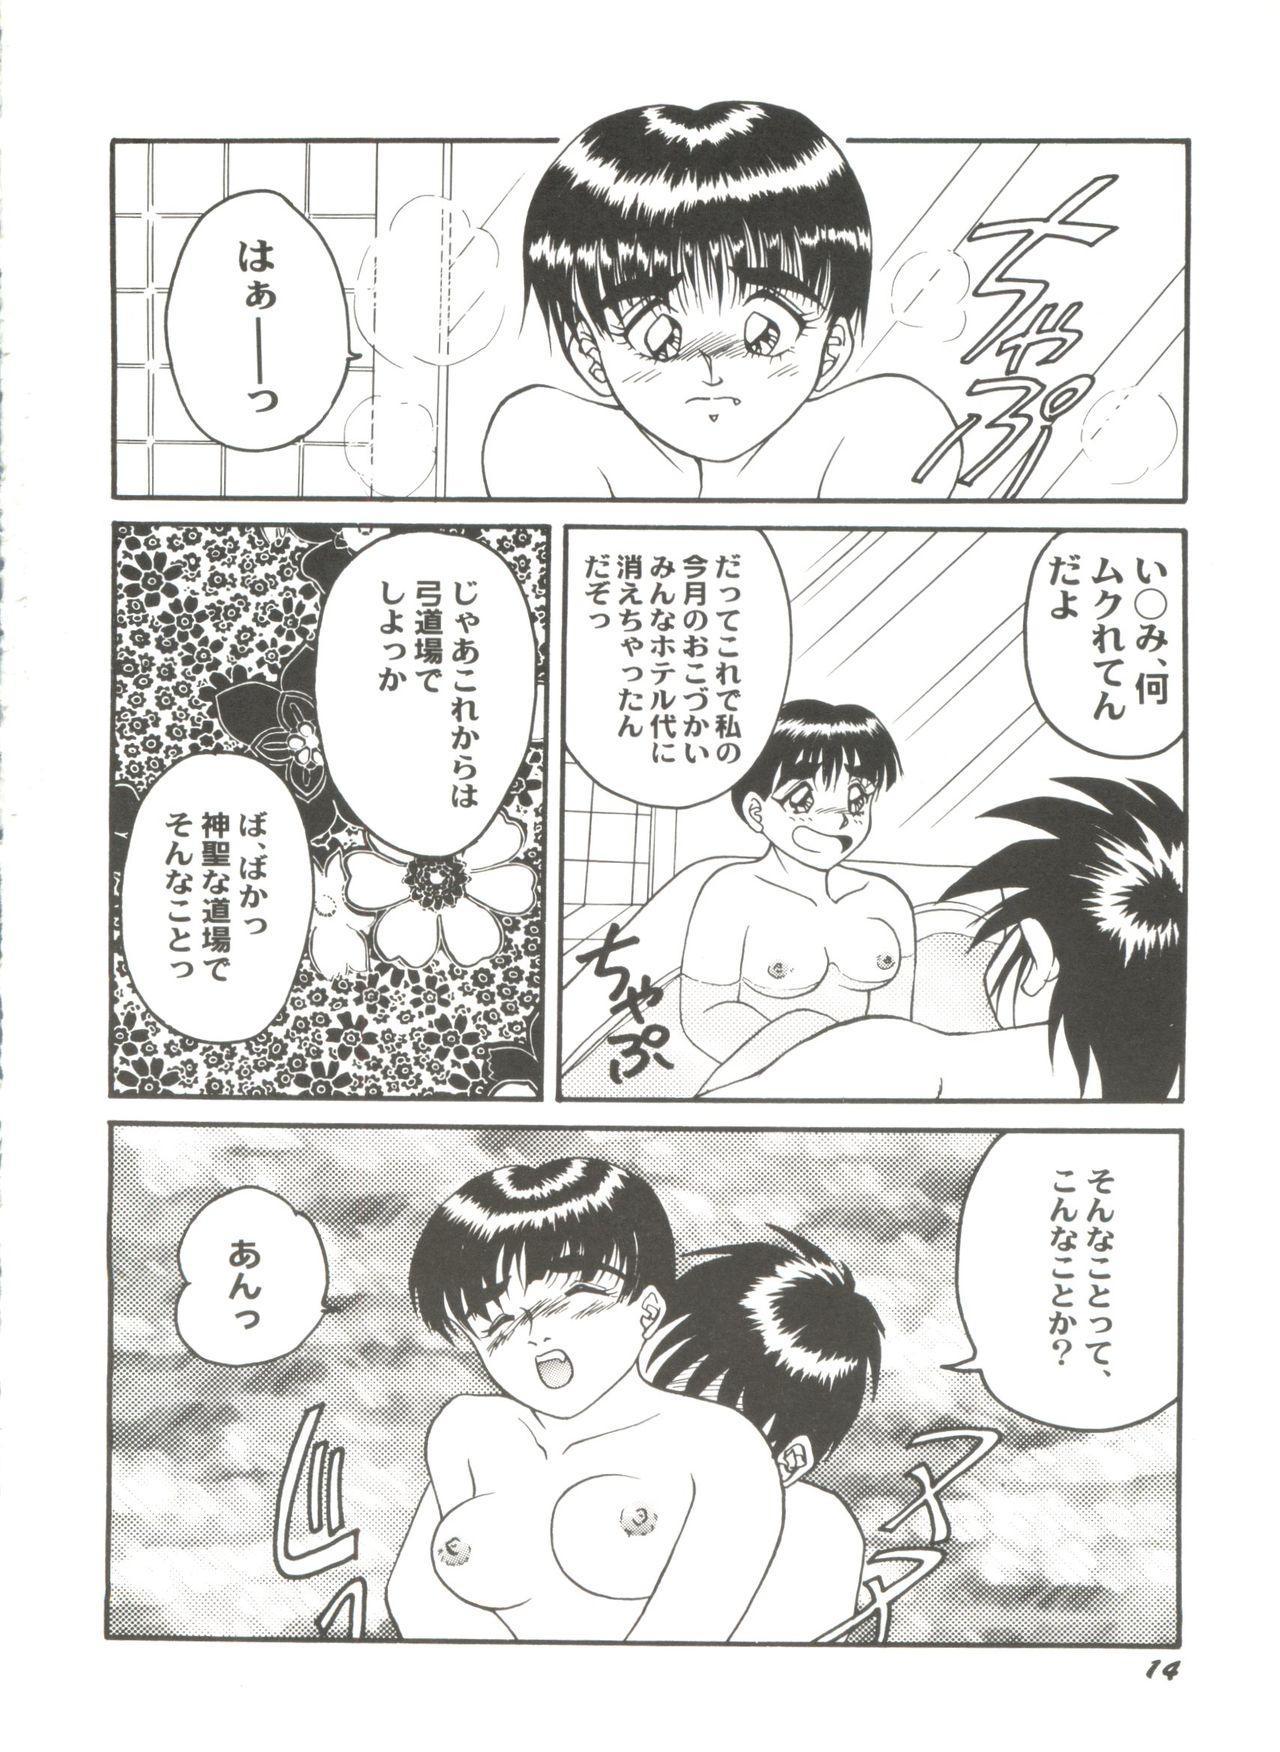 Doujin Anthology Bishoujo a La Carte 6 17